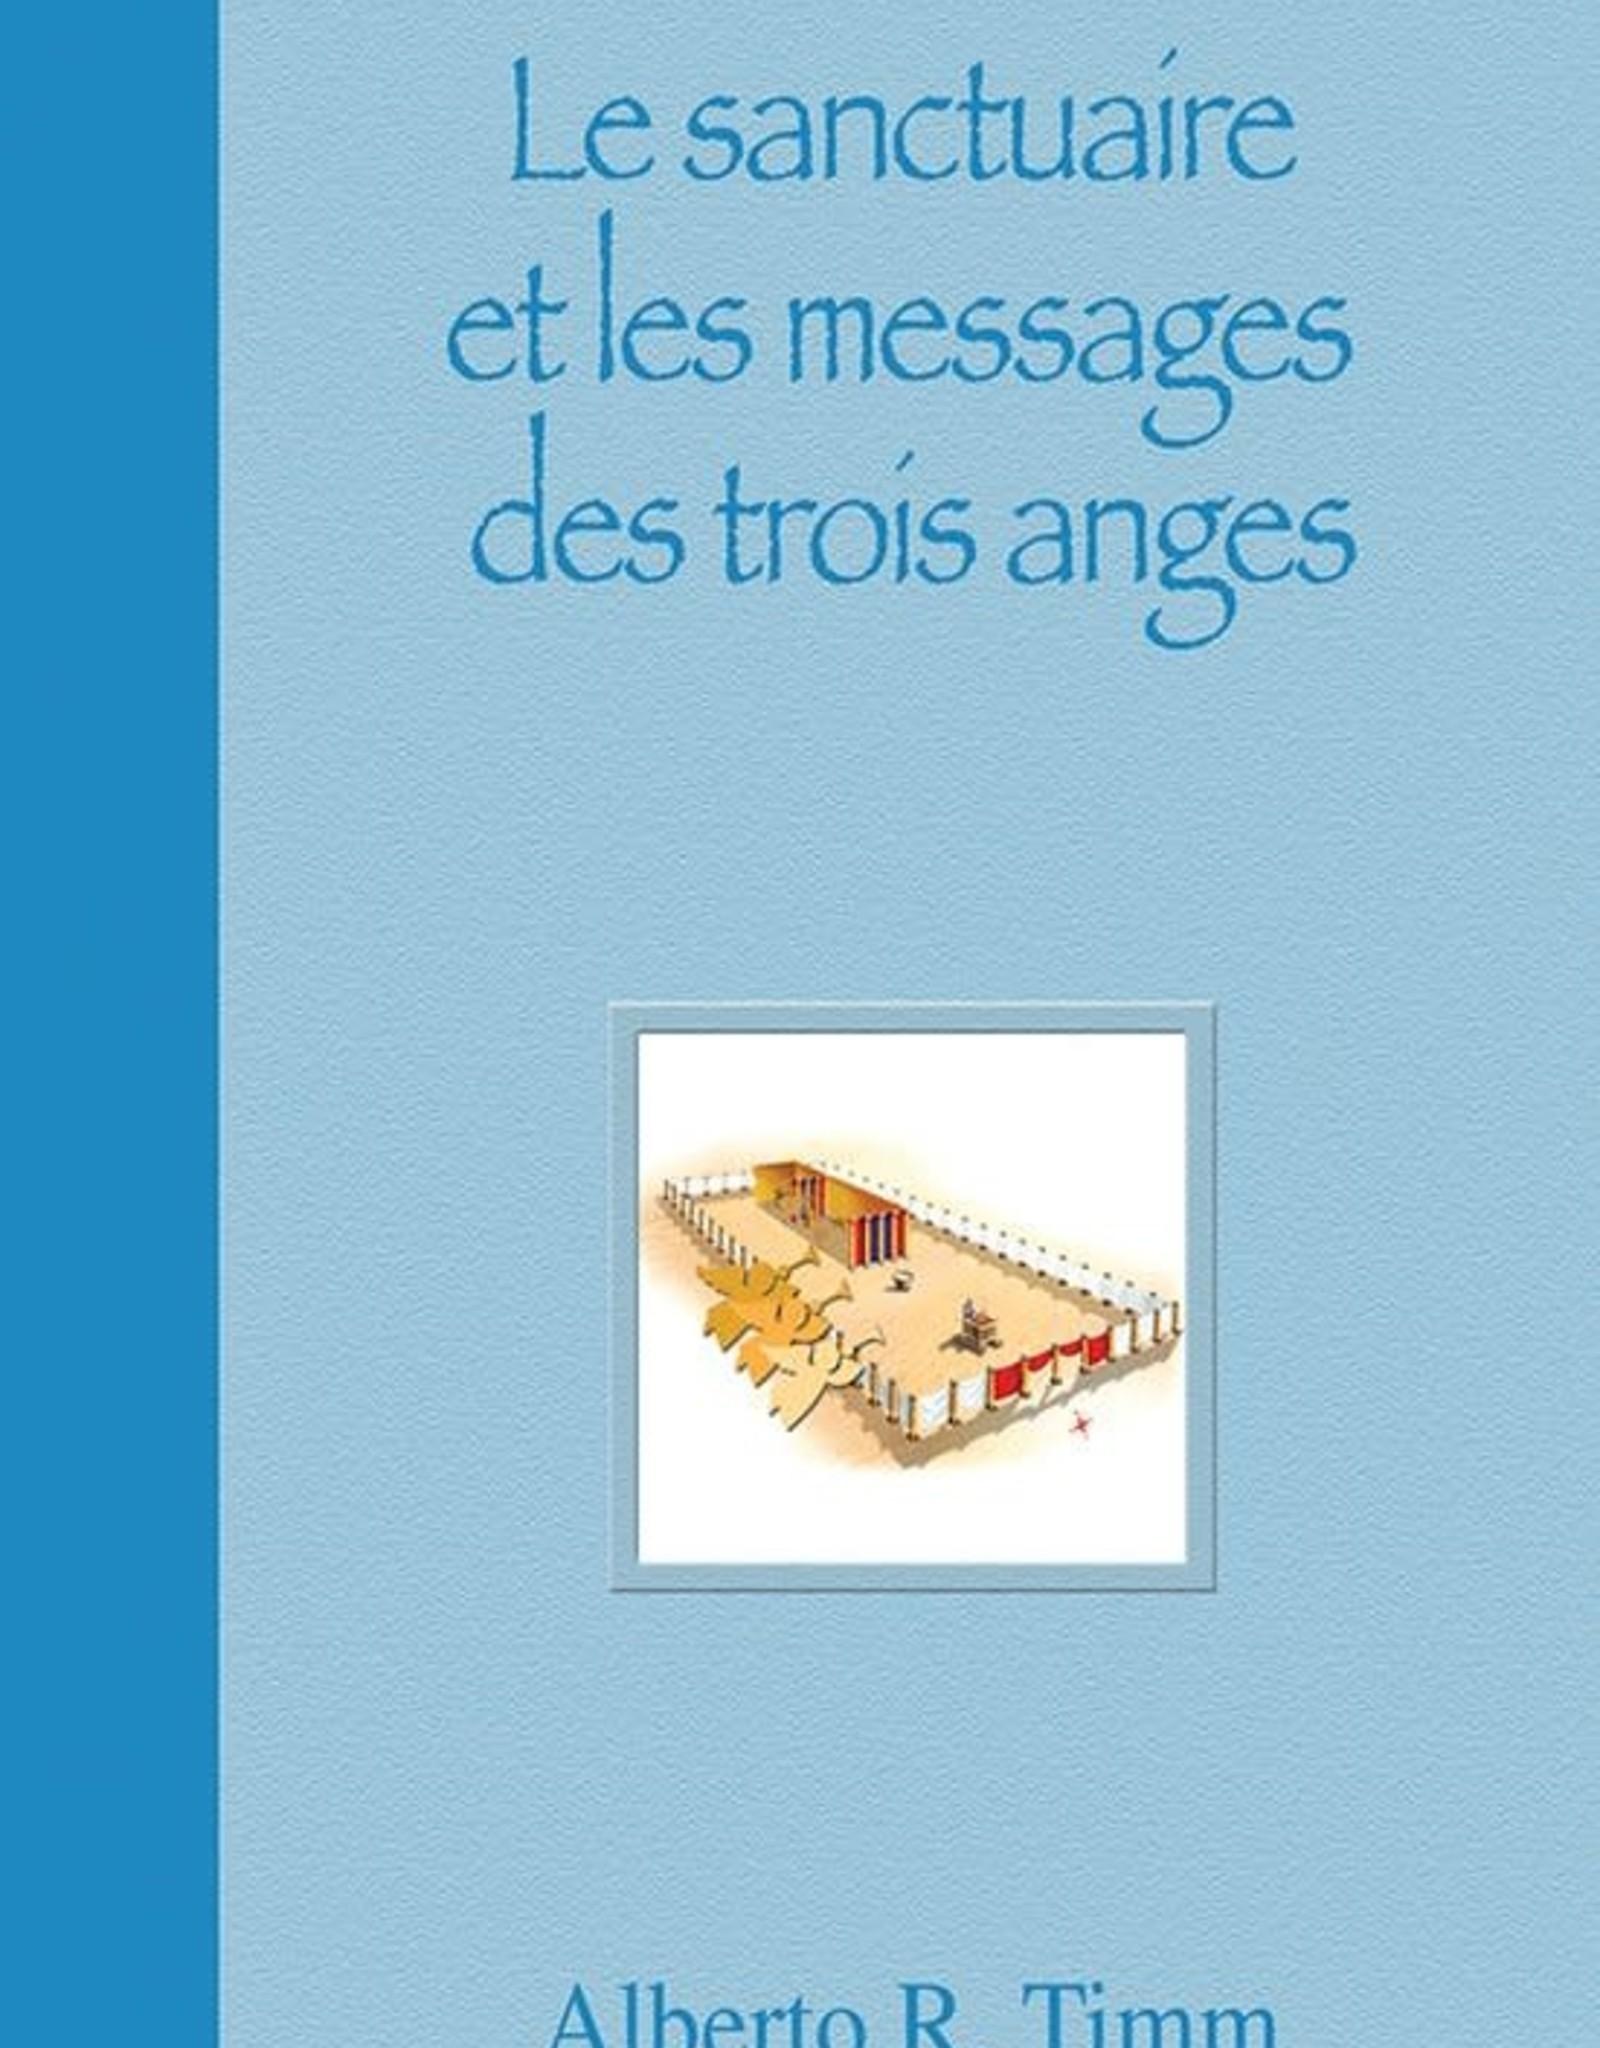 Alberto R. Timm Le sanctuaire et les messages des trois anges